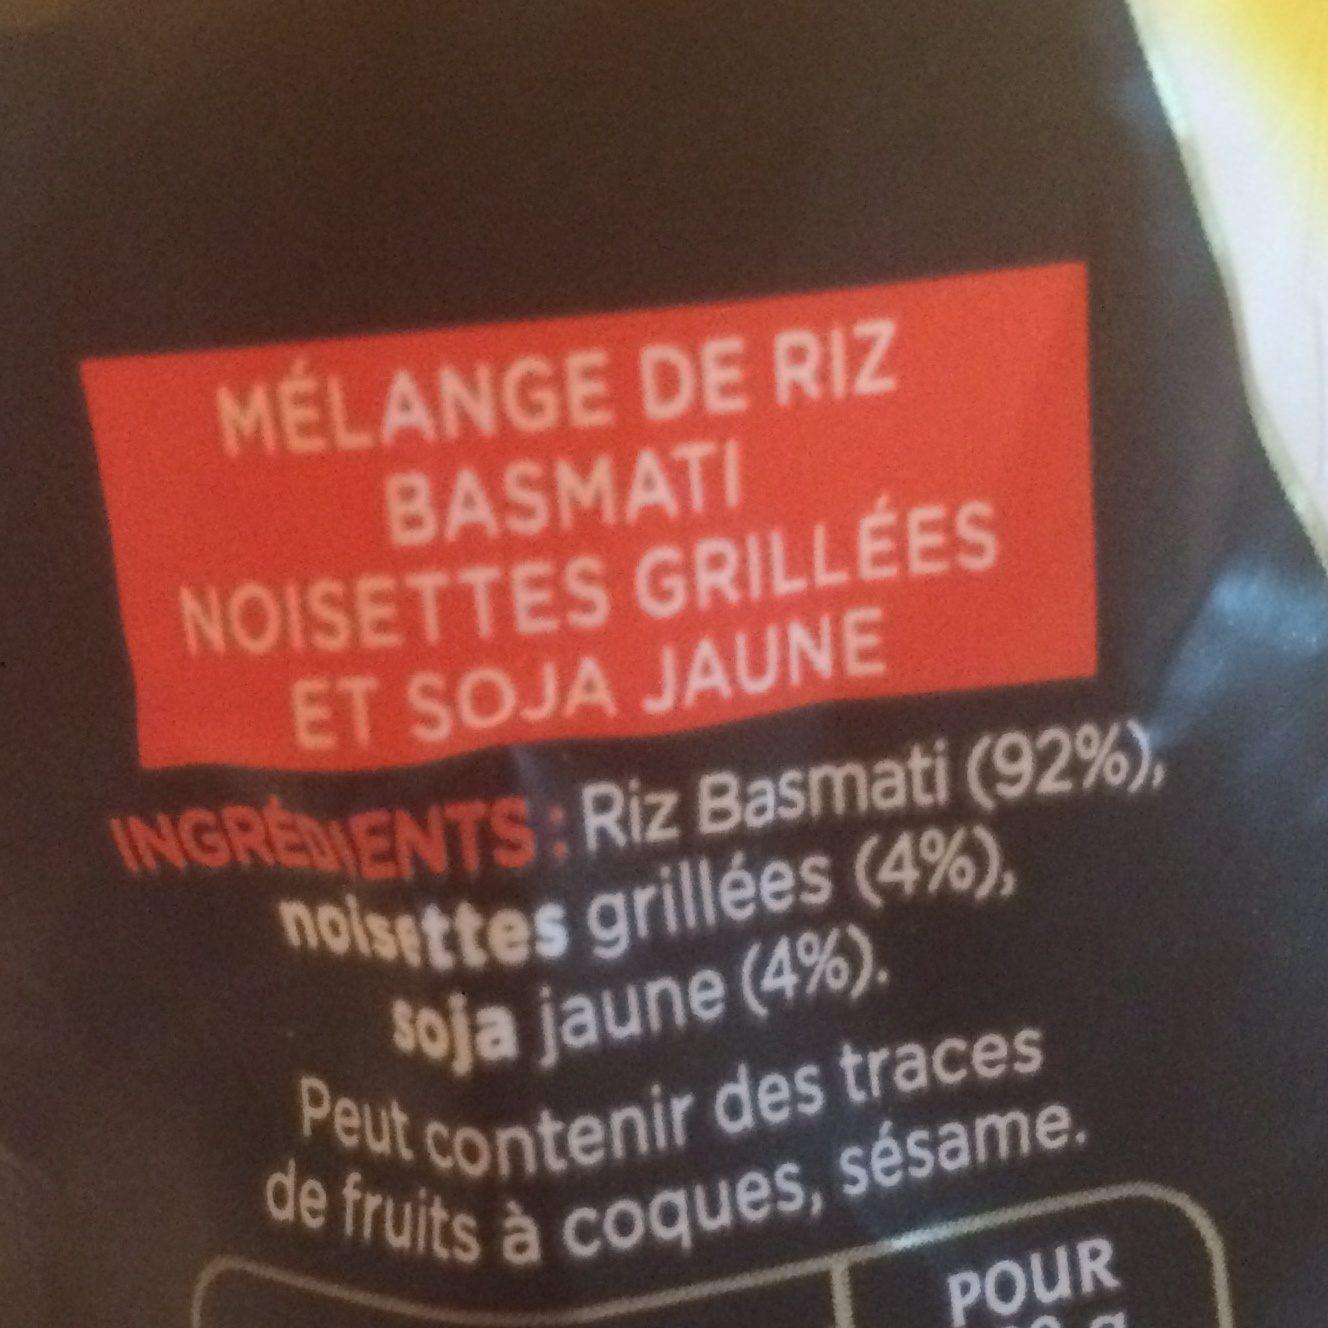 Basmati & noisettes grillées - Ingrédients - fr